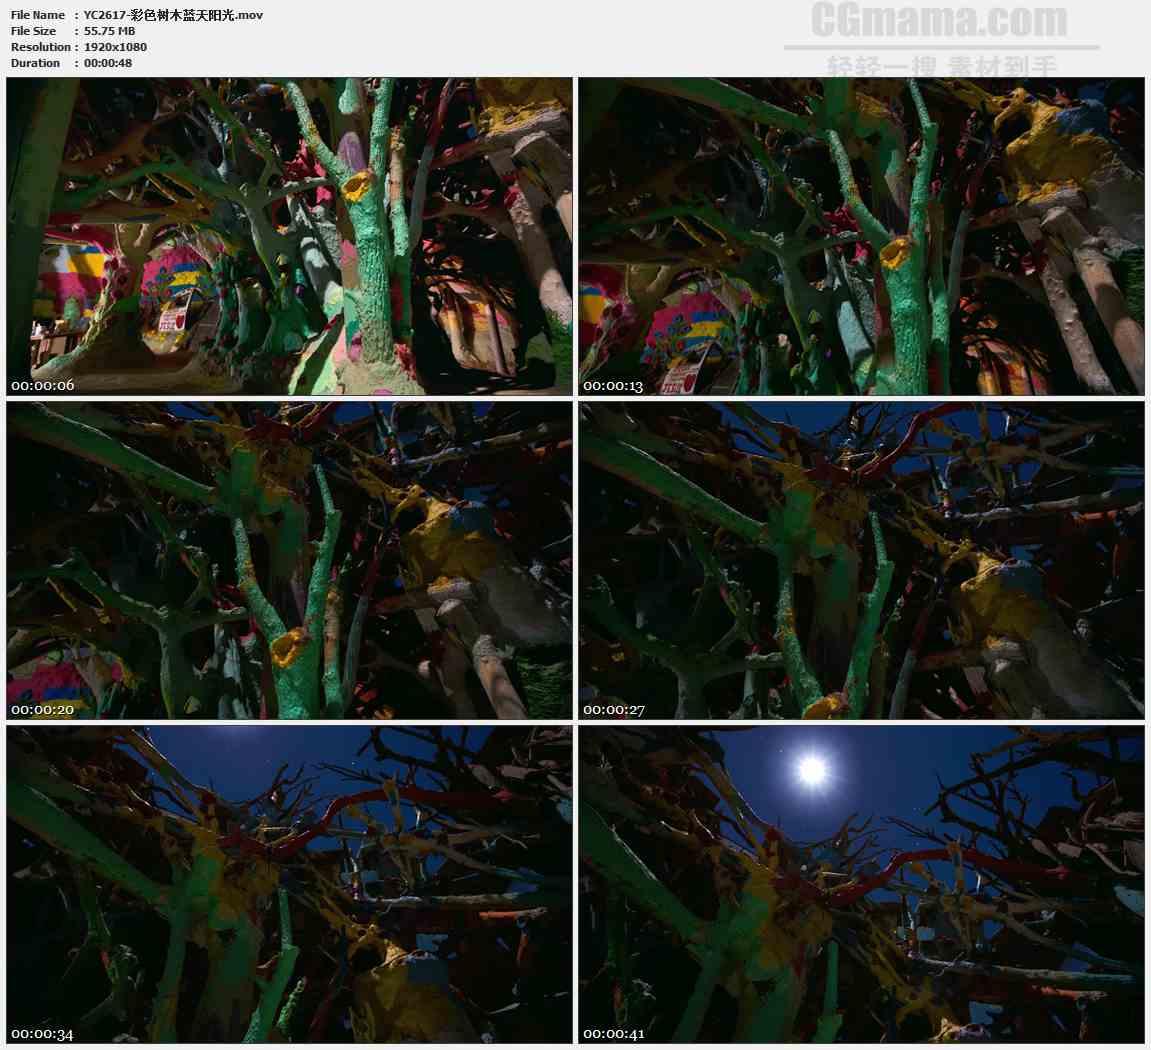 YC2617-彩色树木蓝天阳光高清实拍视频素材